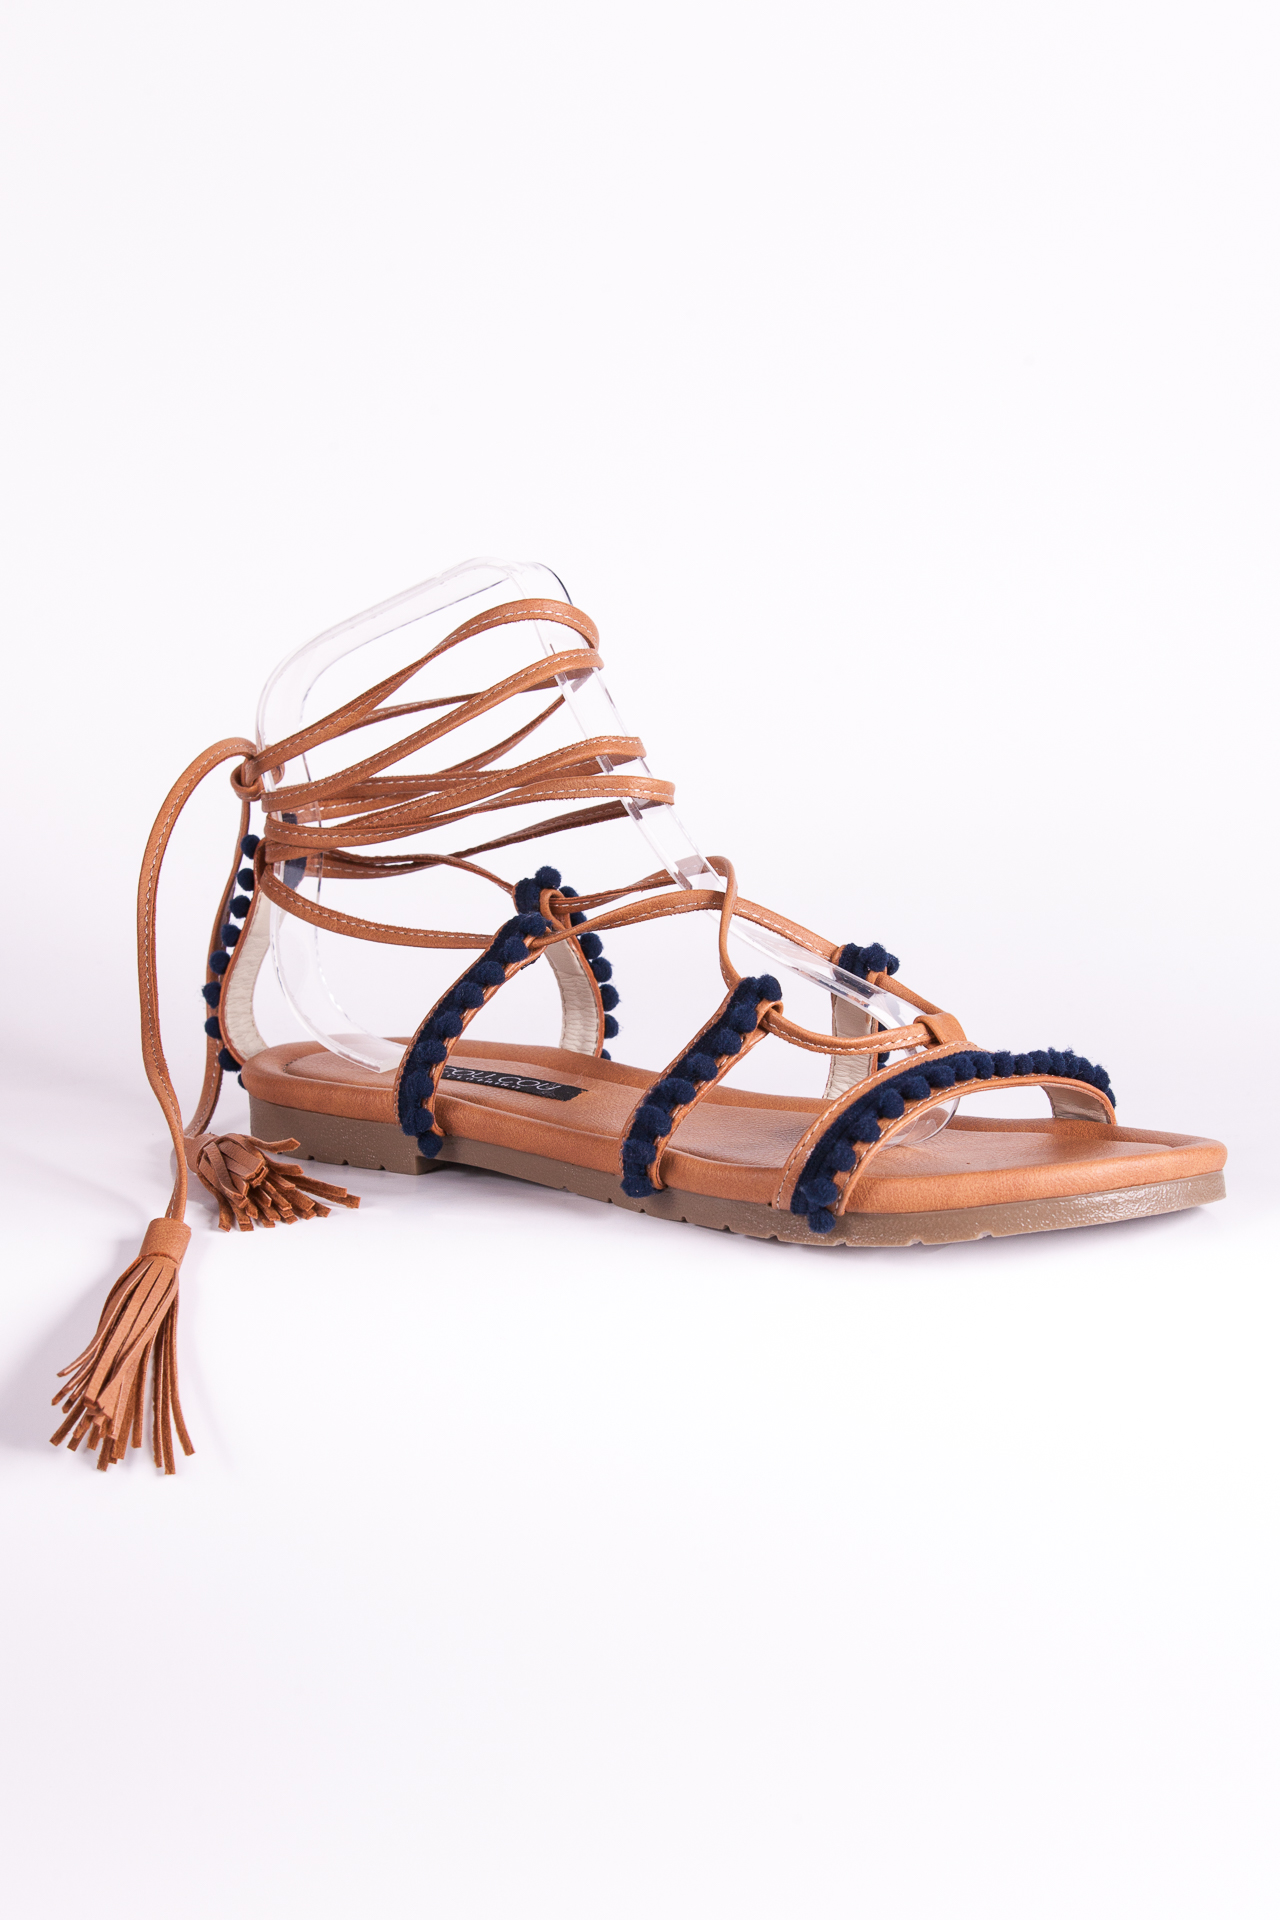 Sandalias camel con aplicaciones. Confeccionadasa mano.